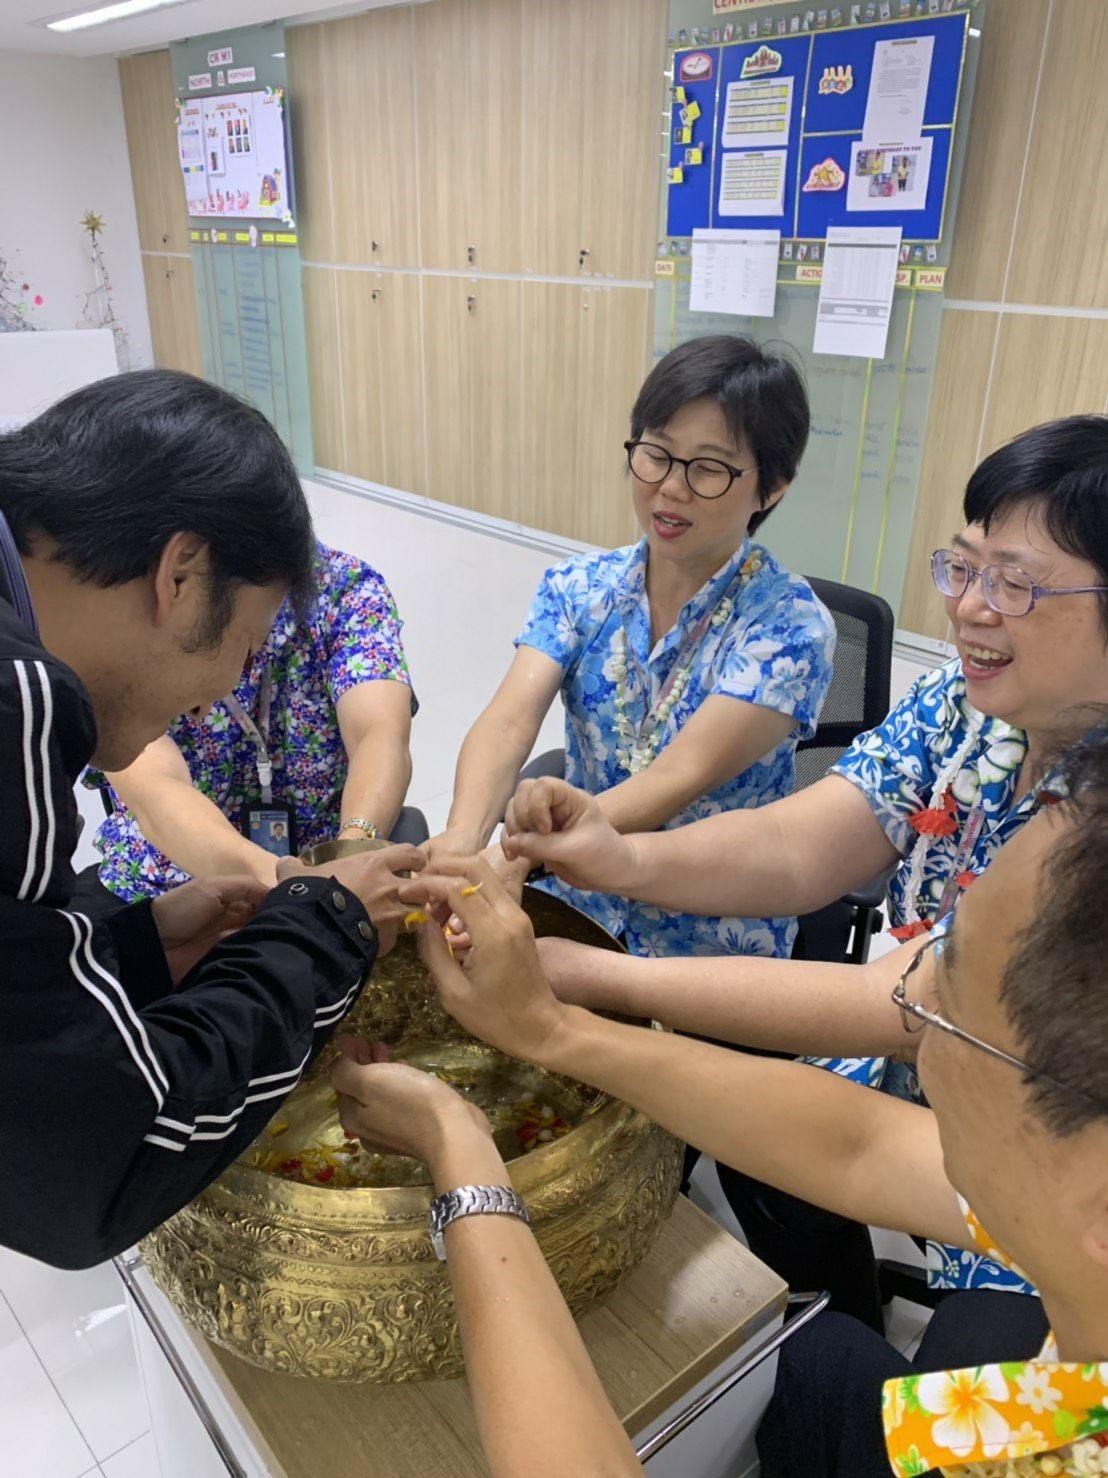 為泰國長輩介紹使用花瓣水清洗手掌的祈福儀式